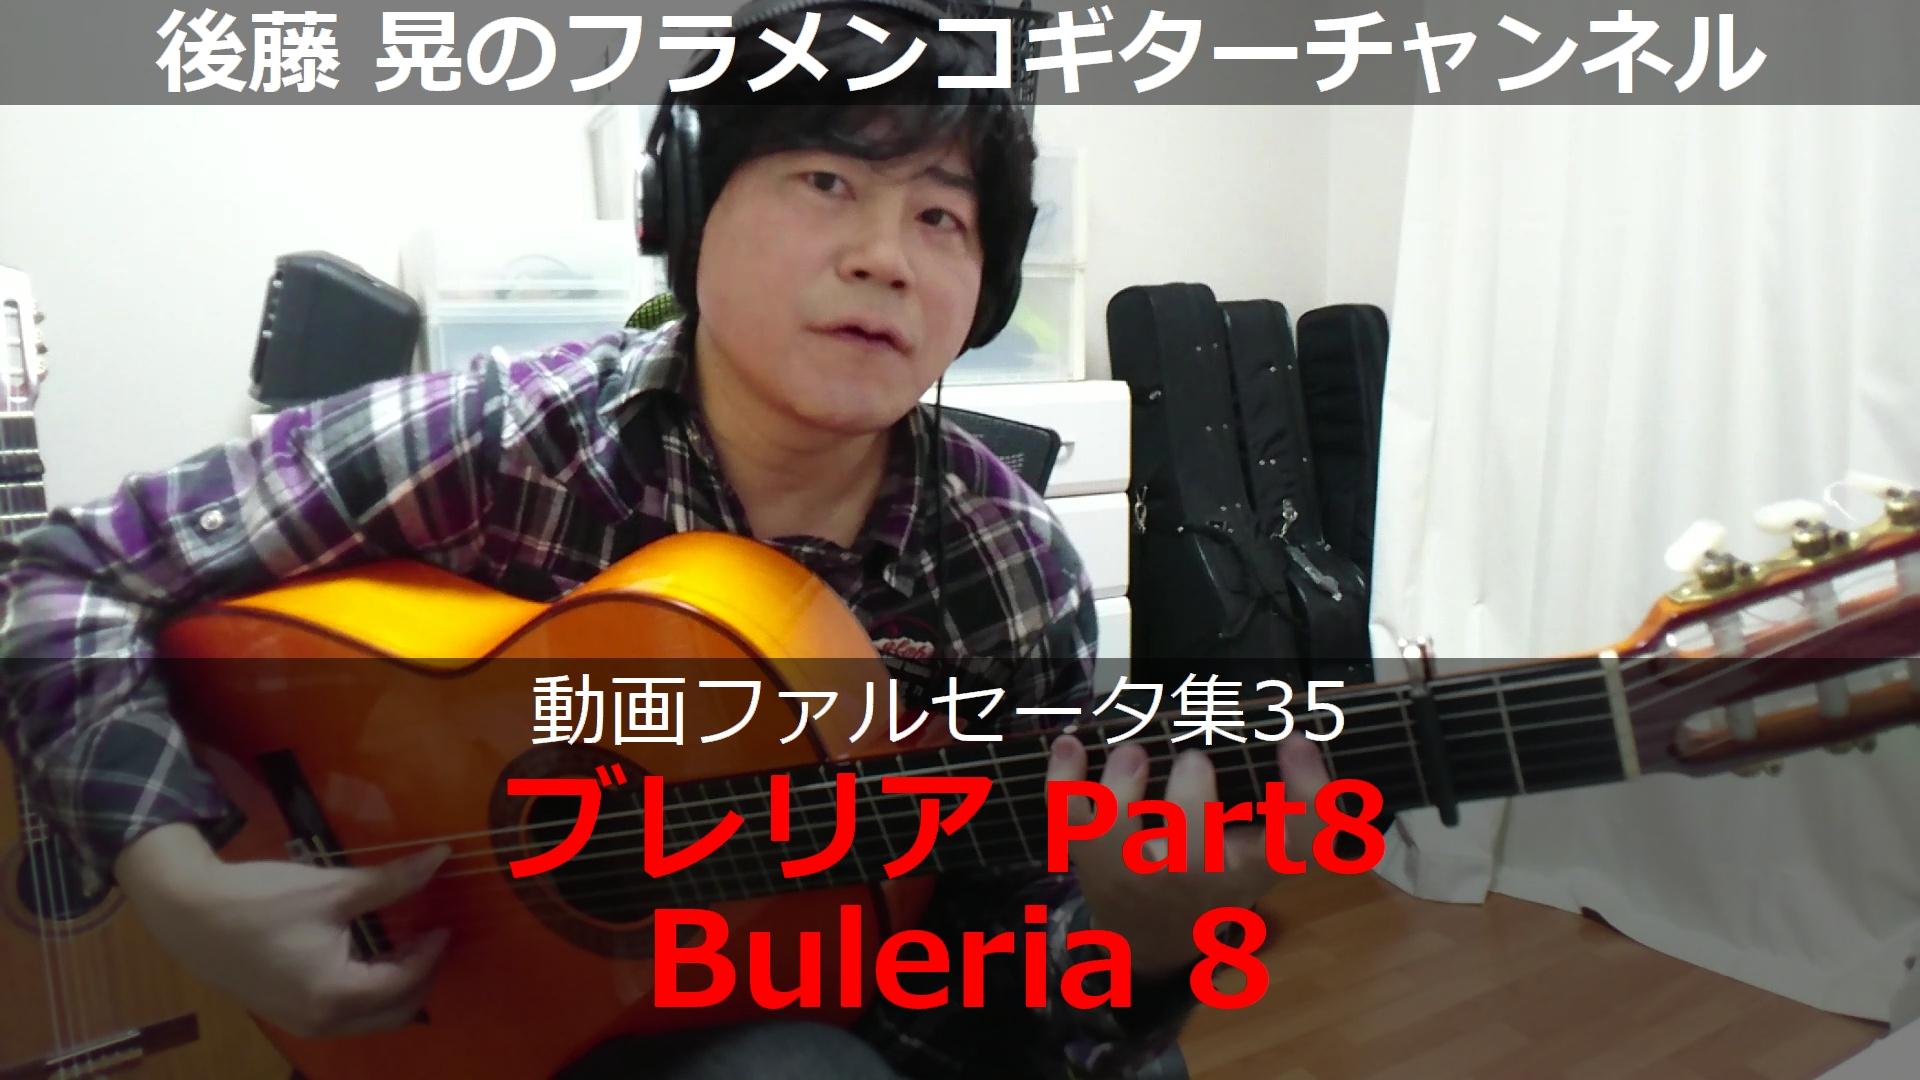 ブレリアPart8